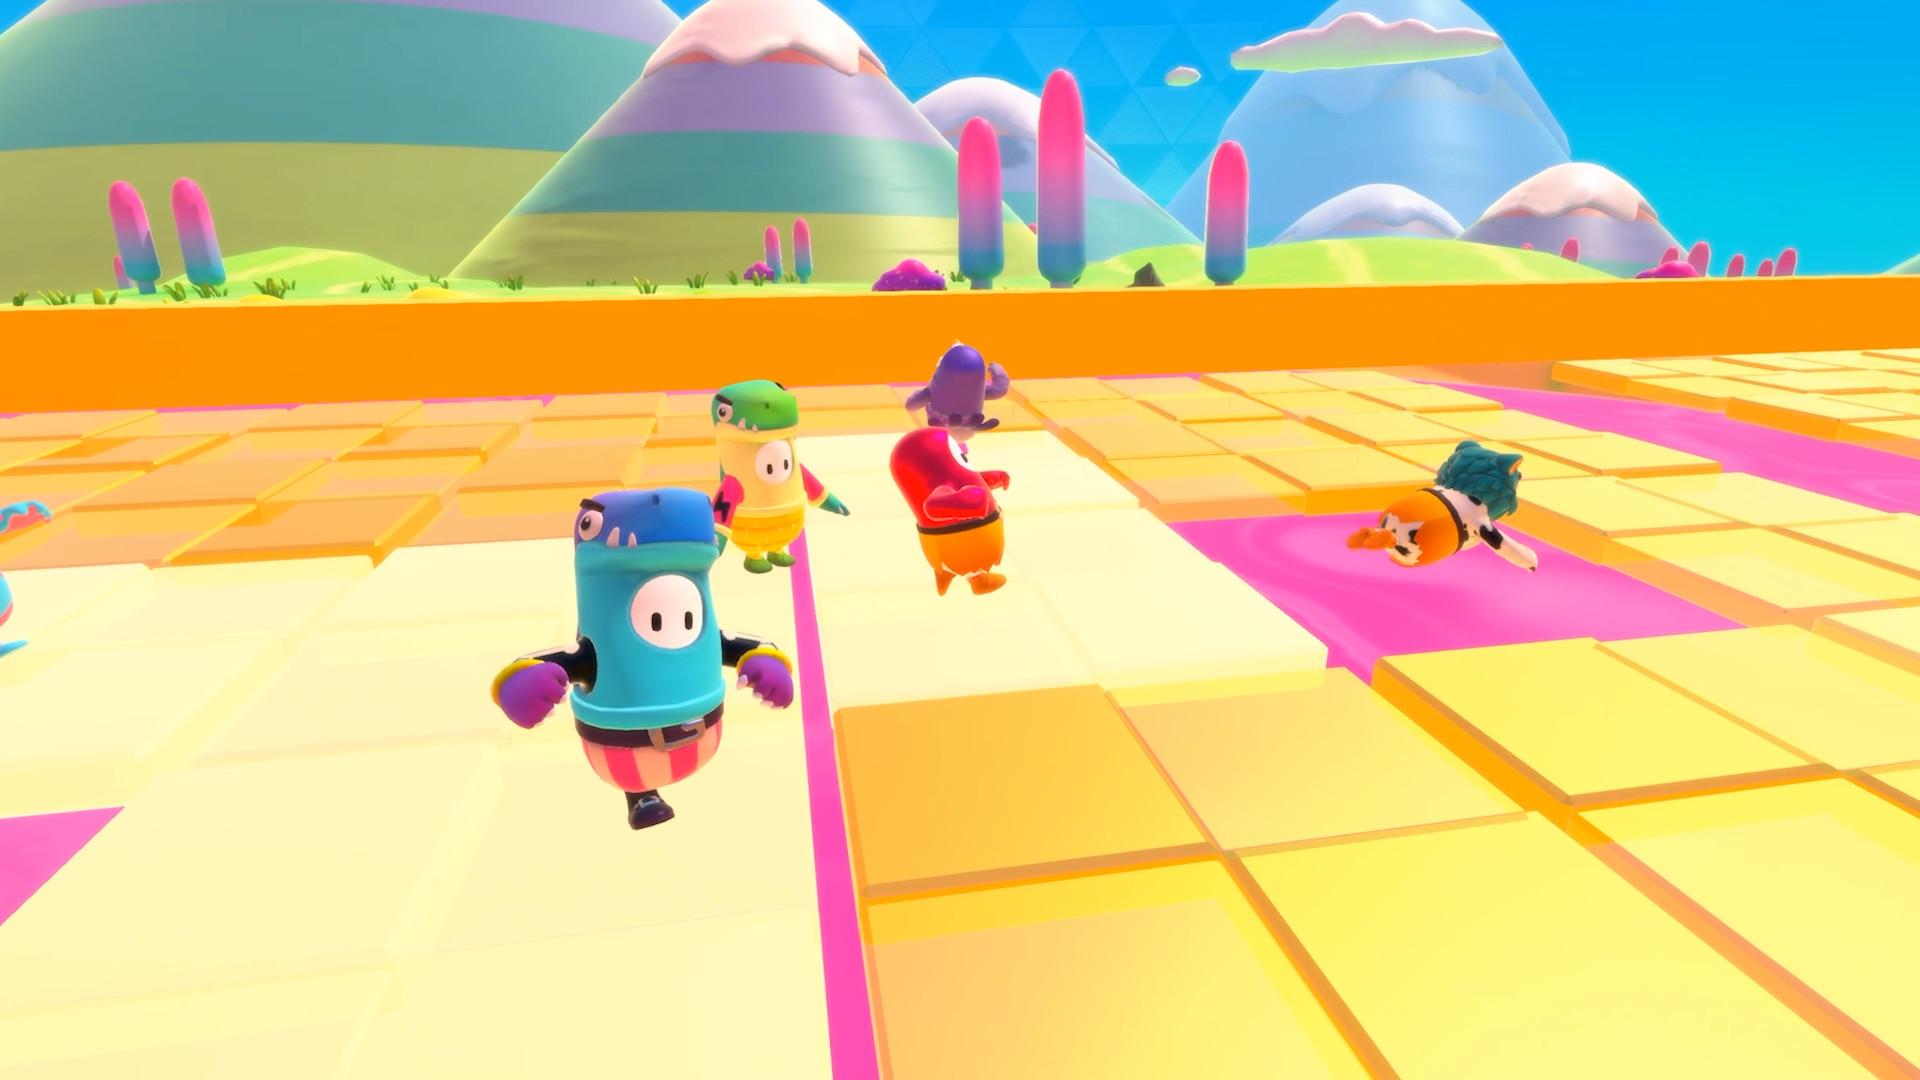 游戏中的博弈论 《糖豆人》为大逃杀展开了一条新思路 (12)